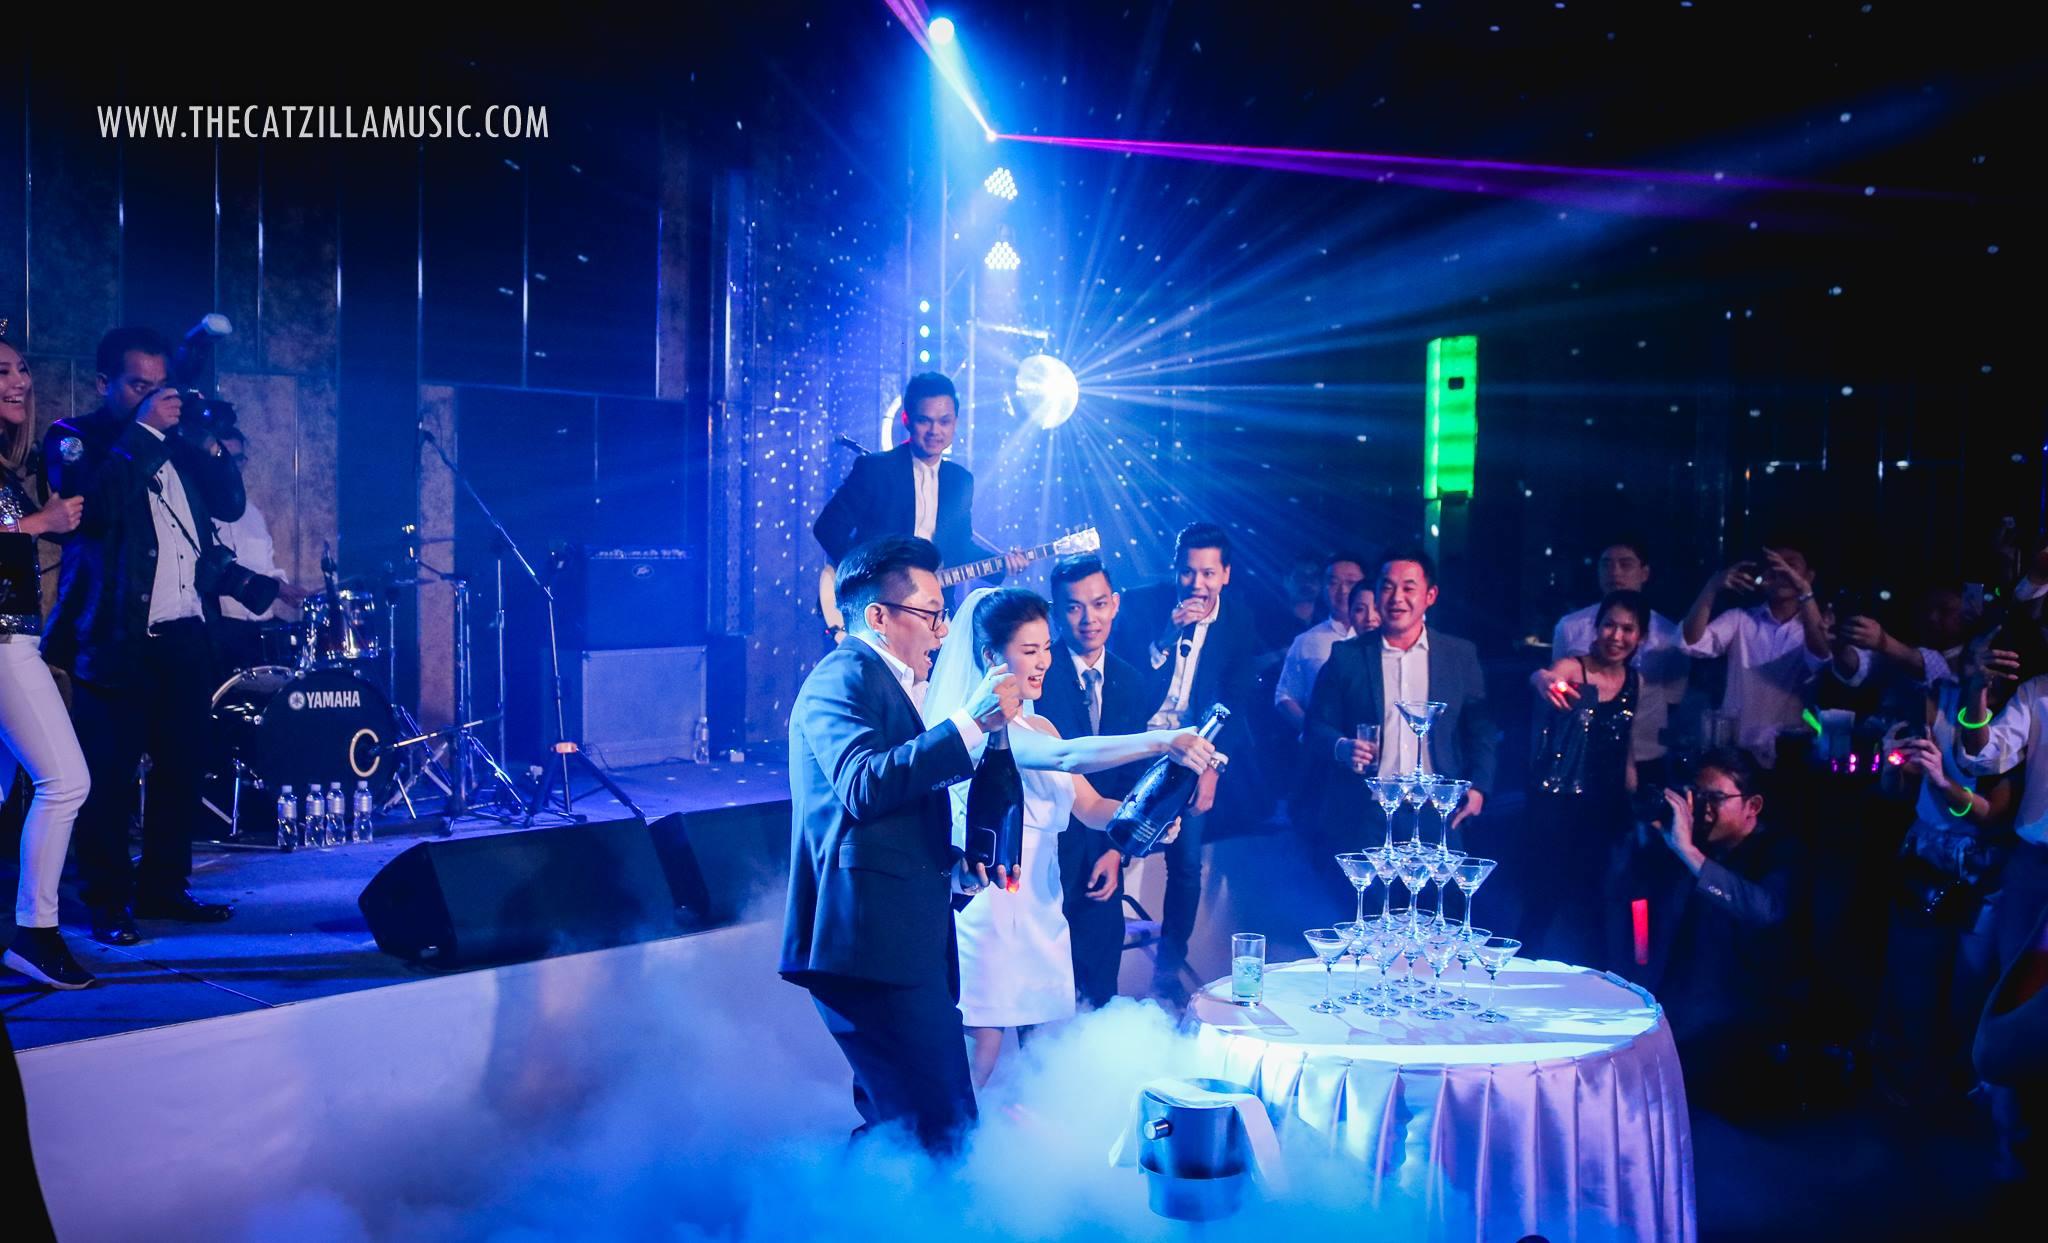 งานแต่งงาน After Party ที่Renaissance Bangkok